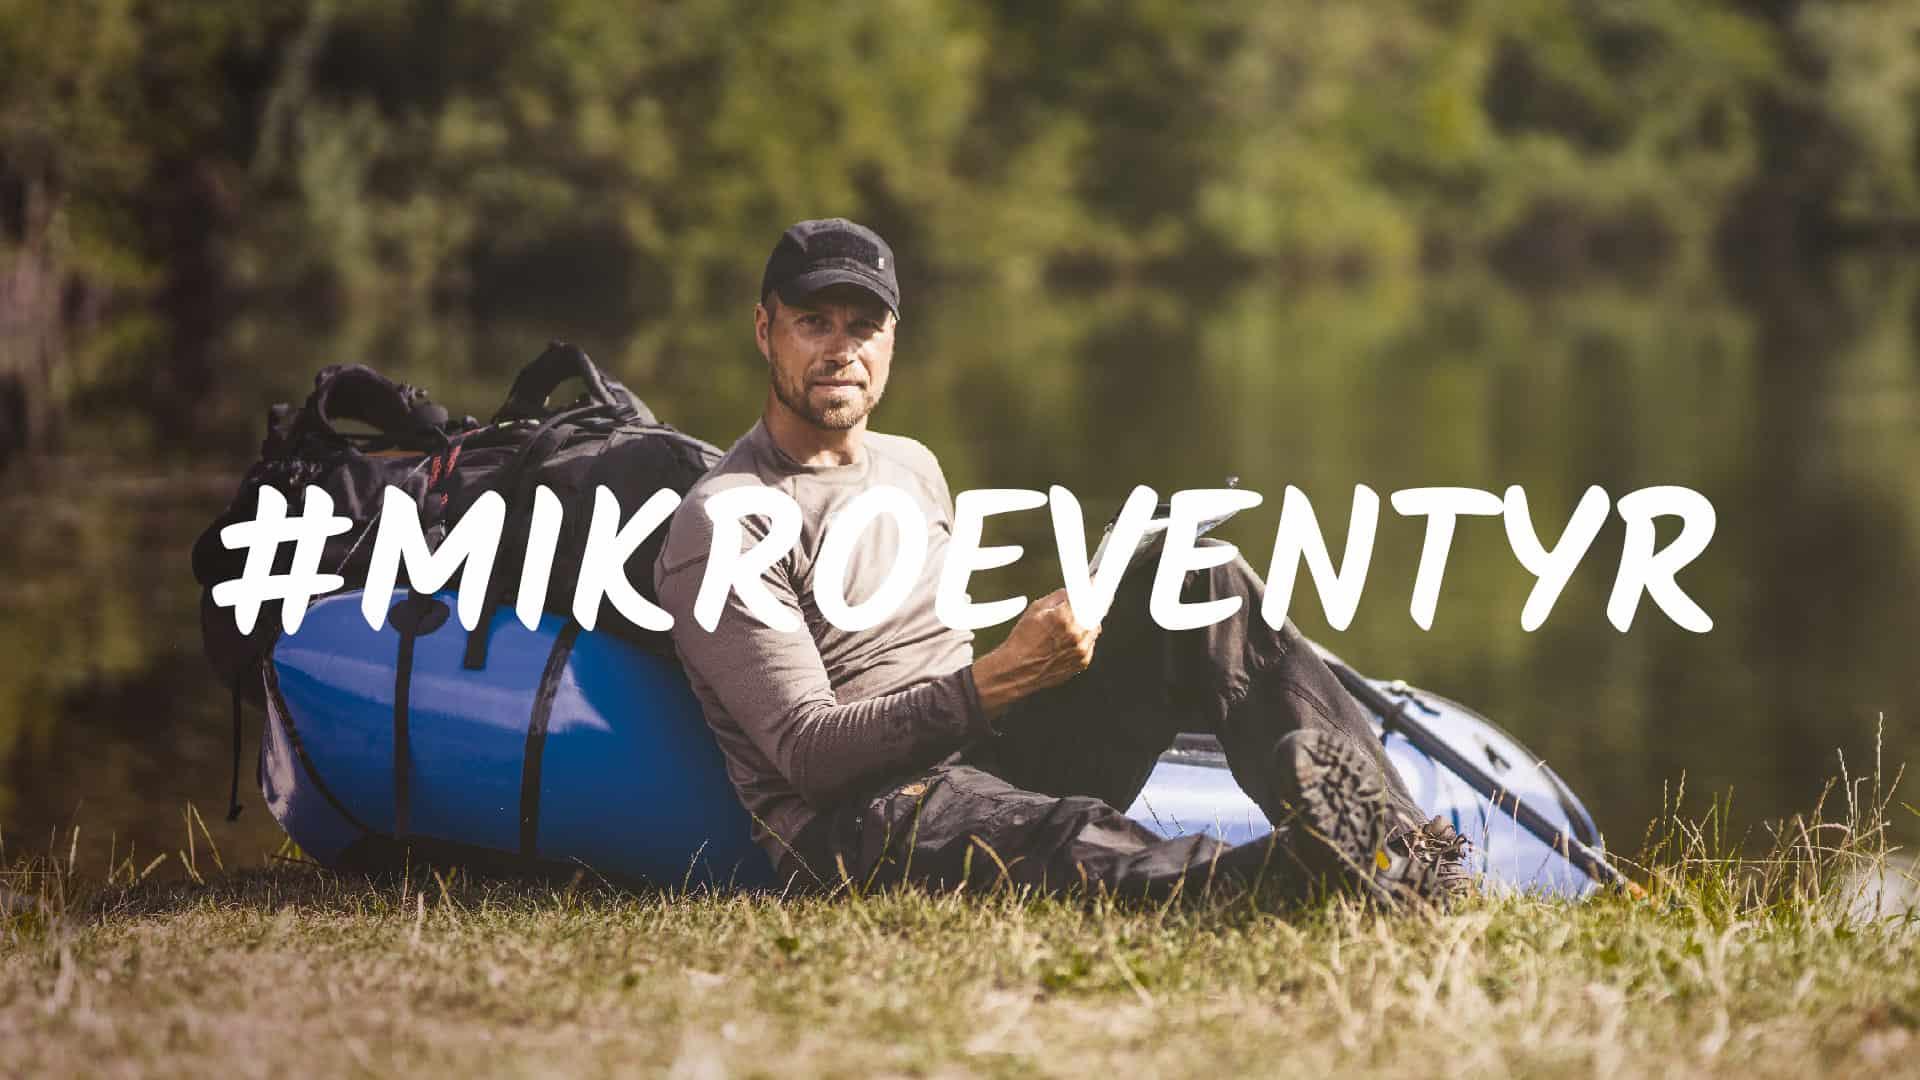 Mikroeventyr, eventyr og ture i hverdagen, med Erik B. Jørgensen